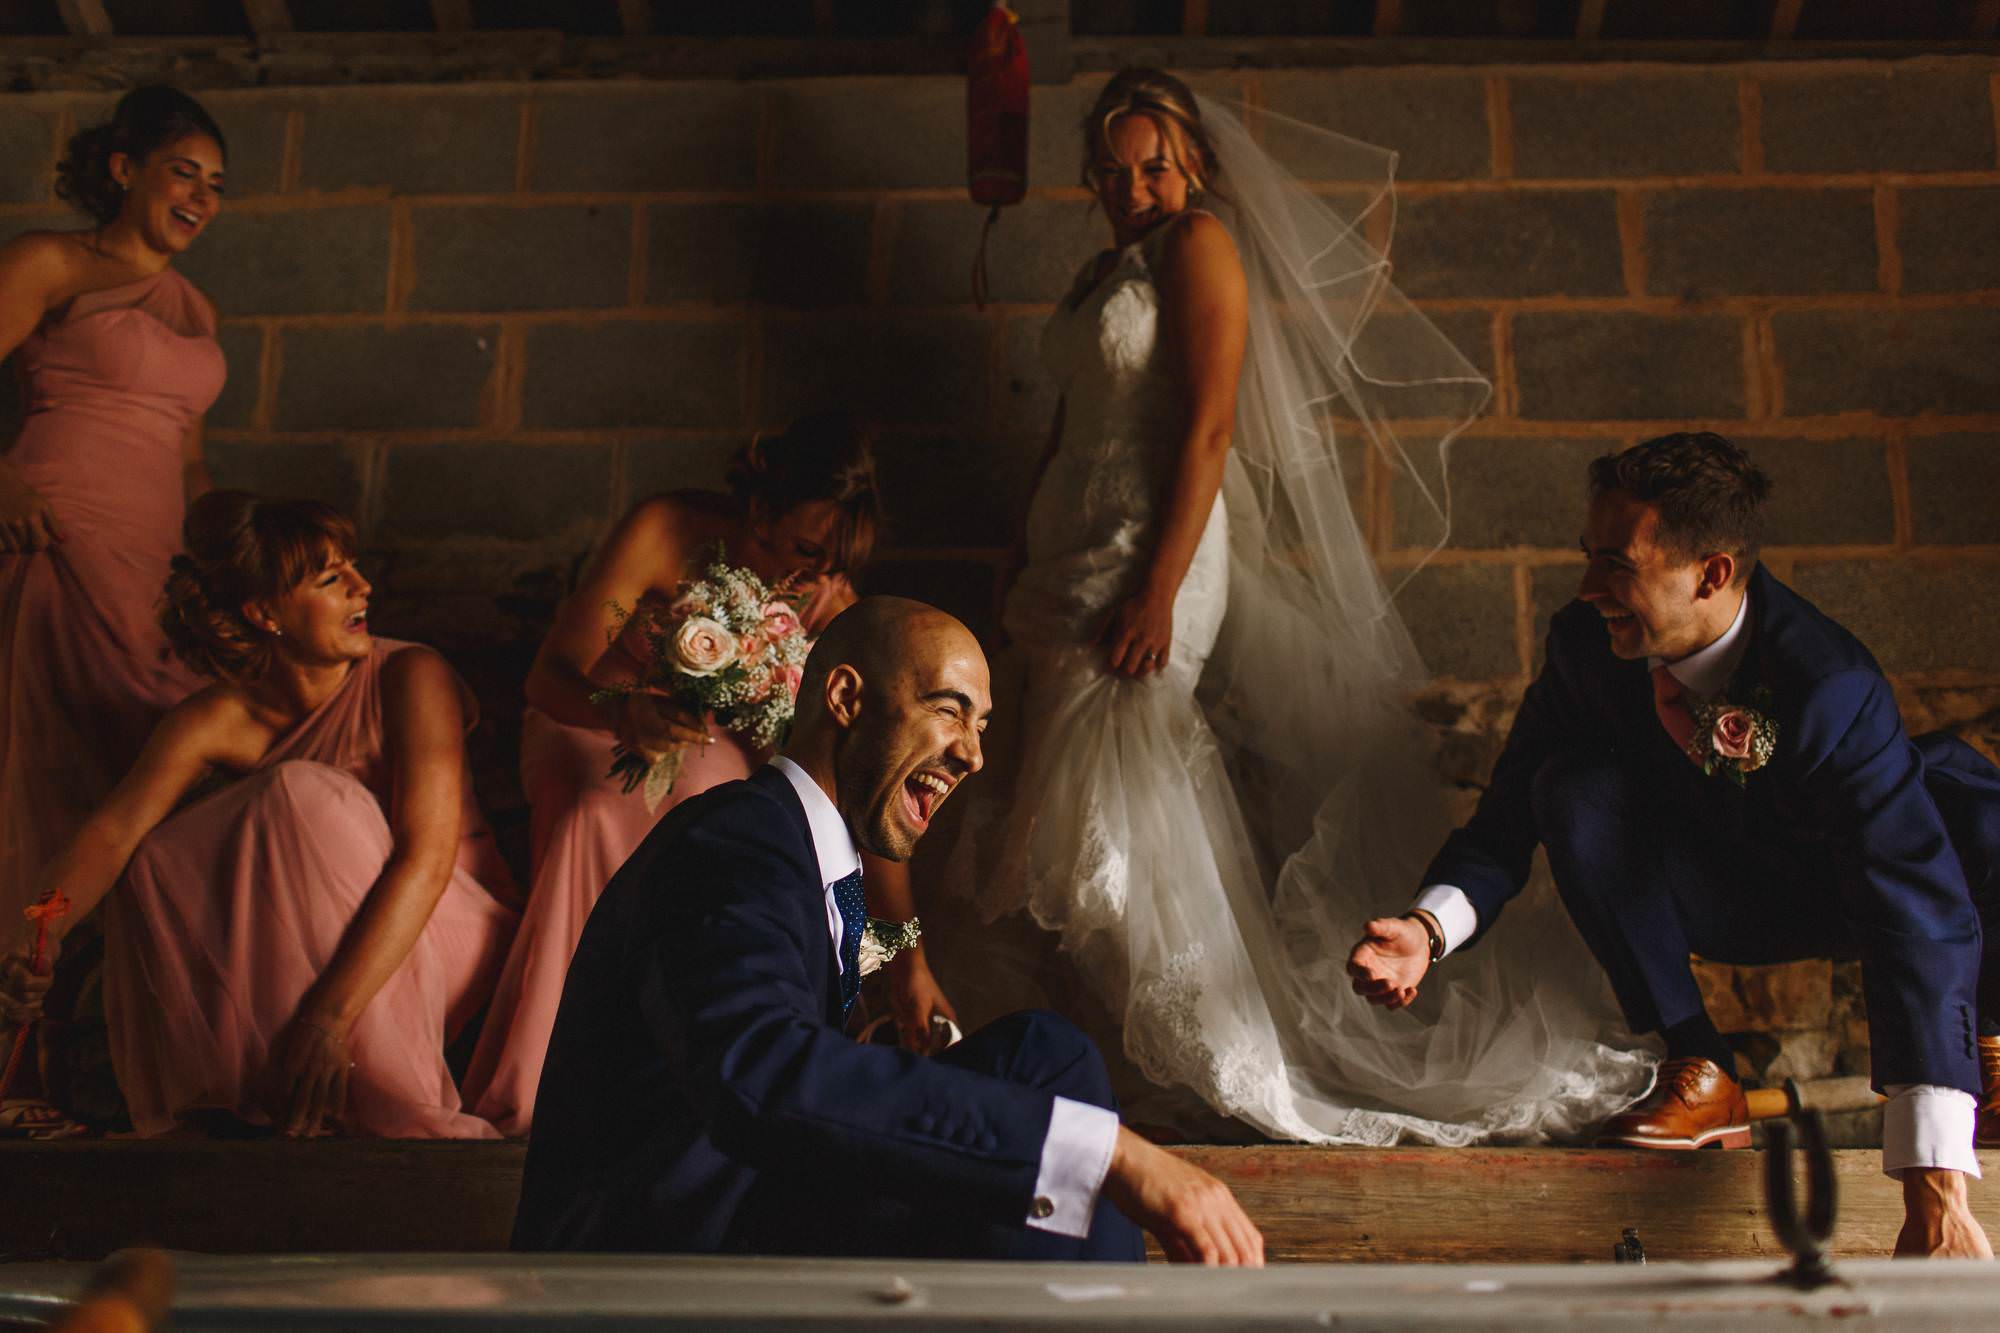 Lancashire wedding photography - Browsholme Hall